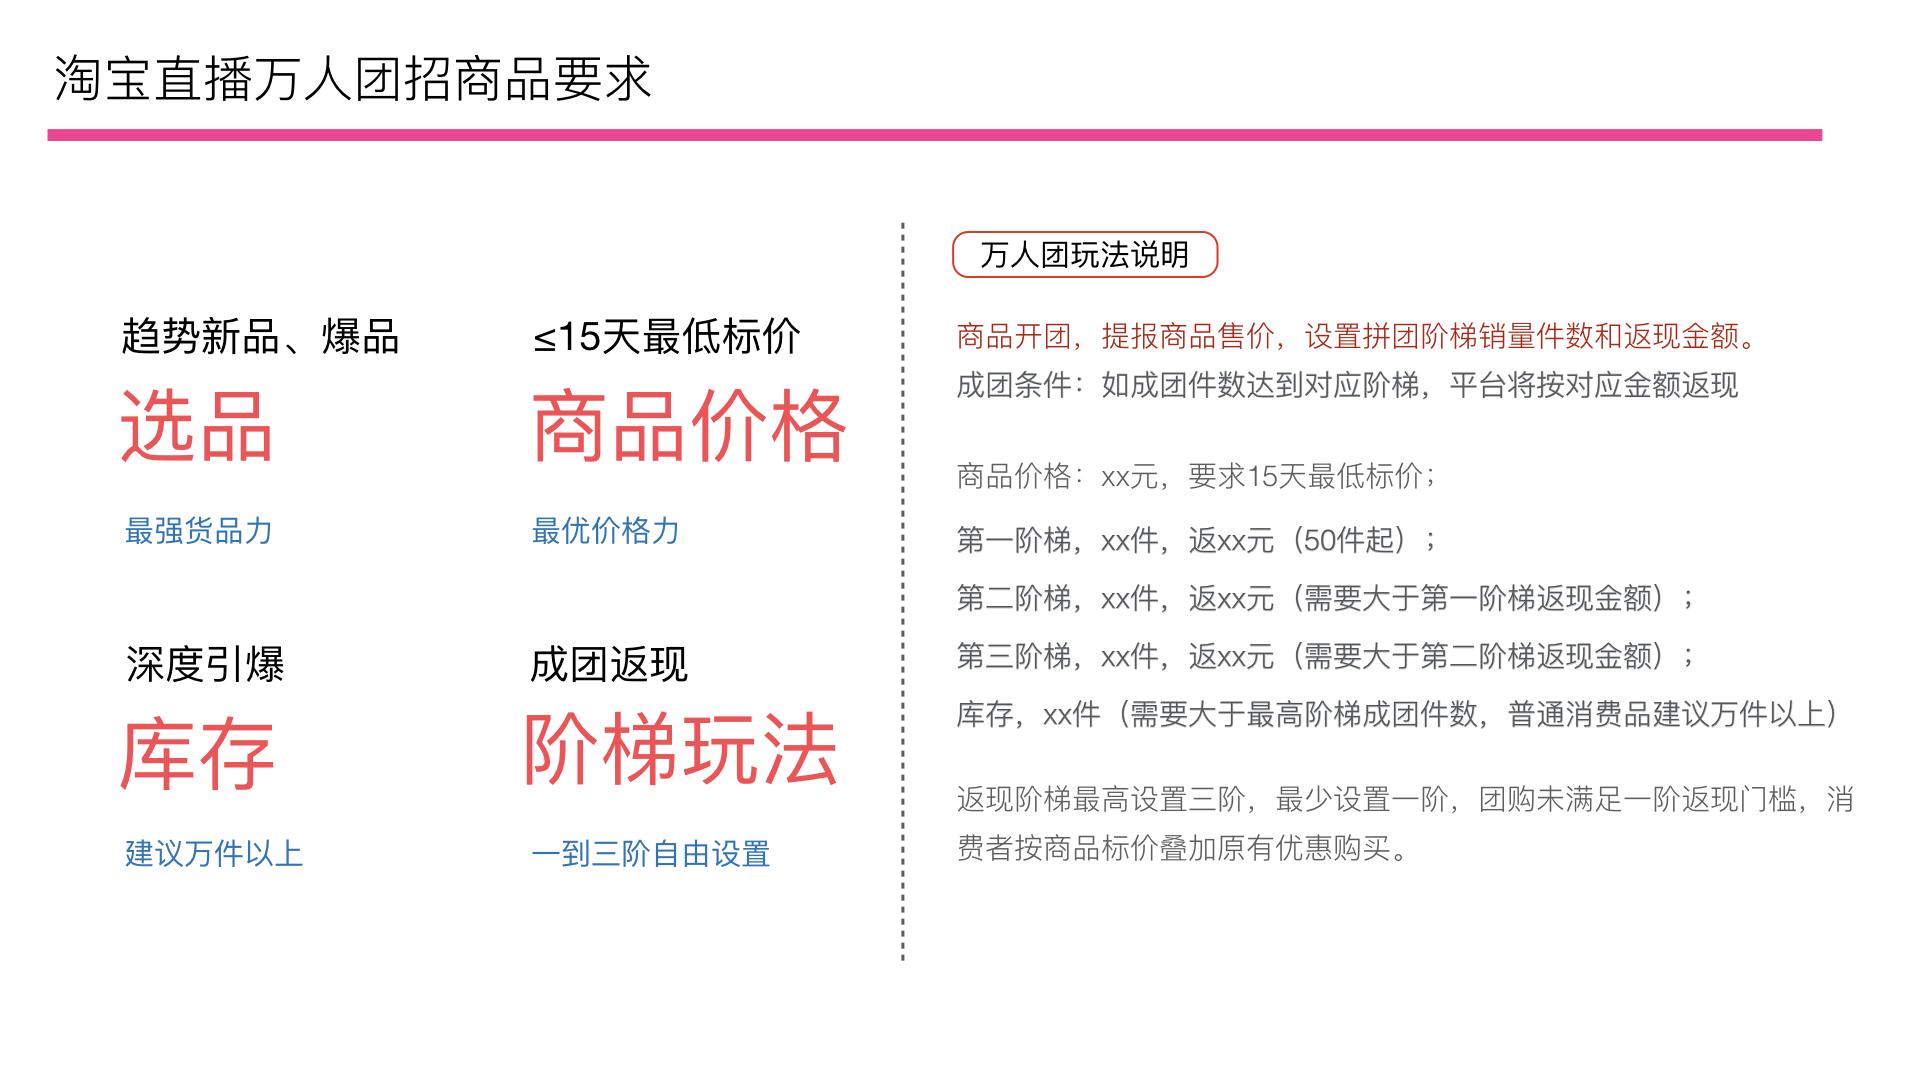 淘宝直播万人团介绍-商家版228-1.005.jpeg